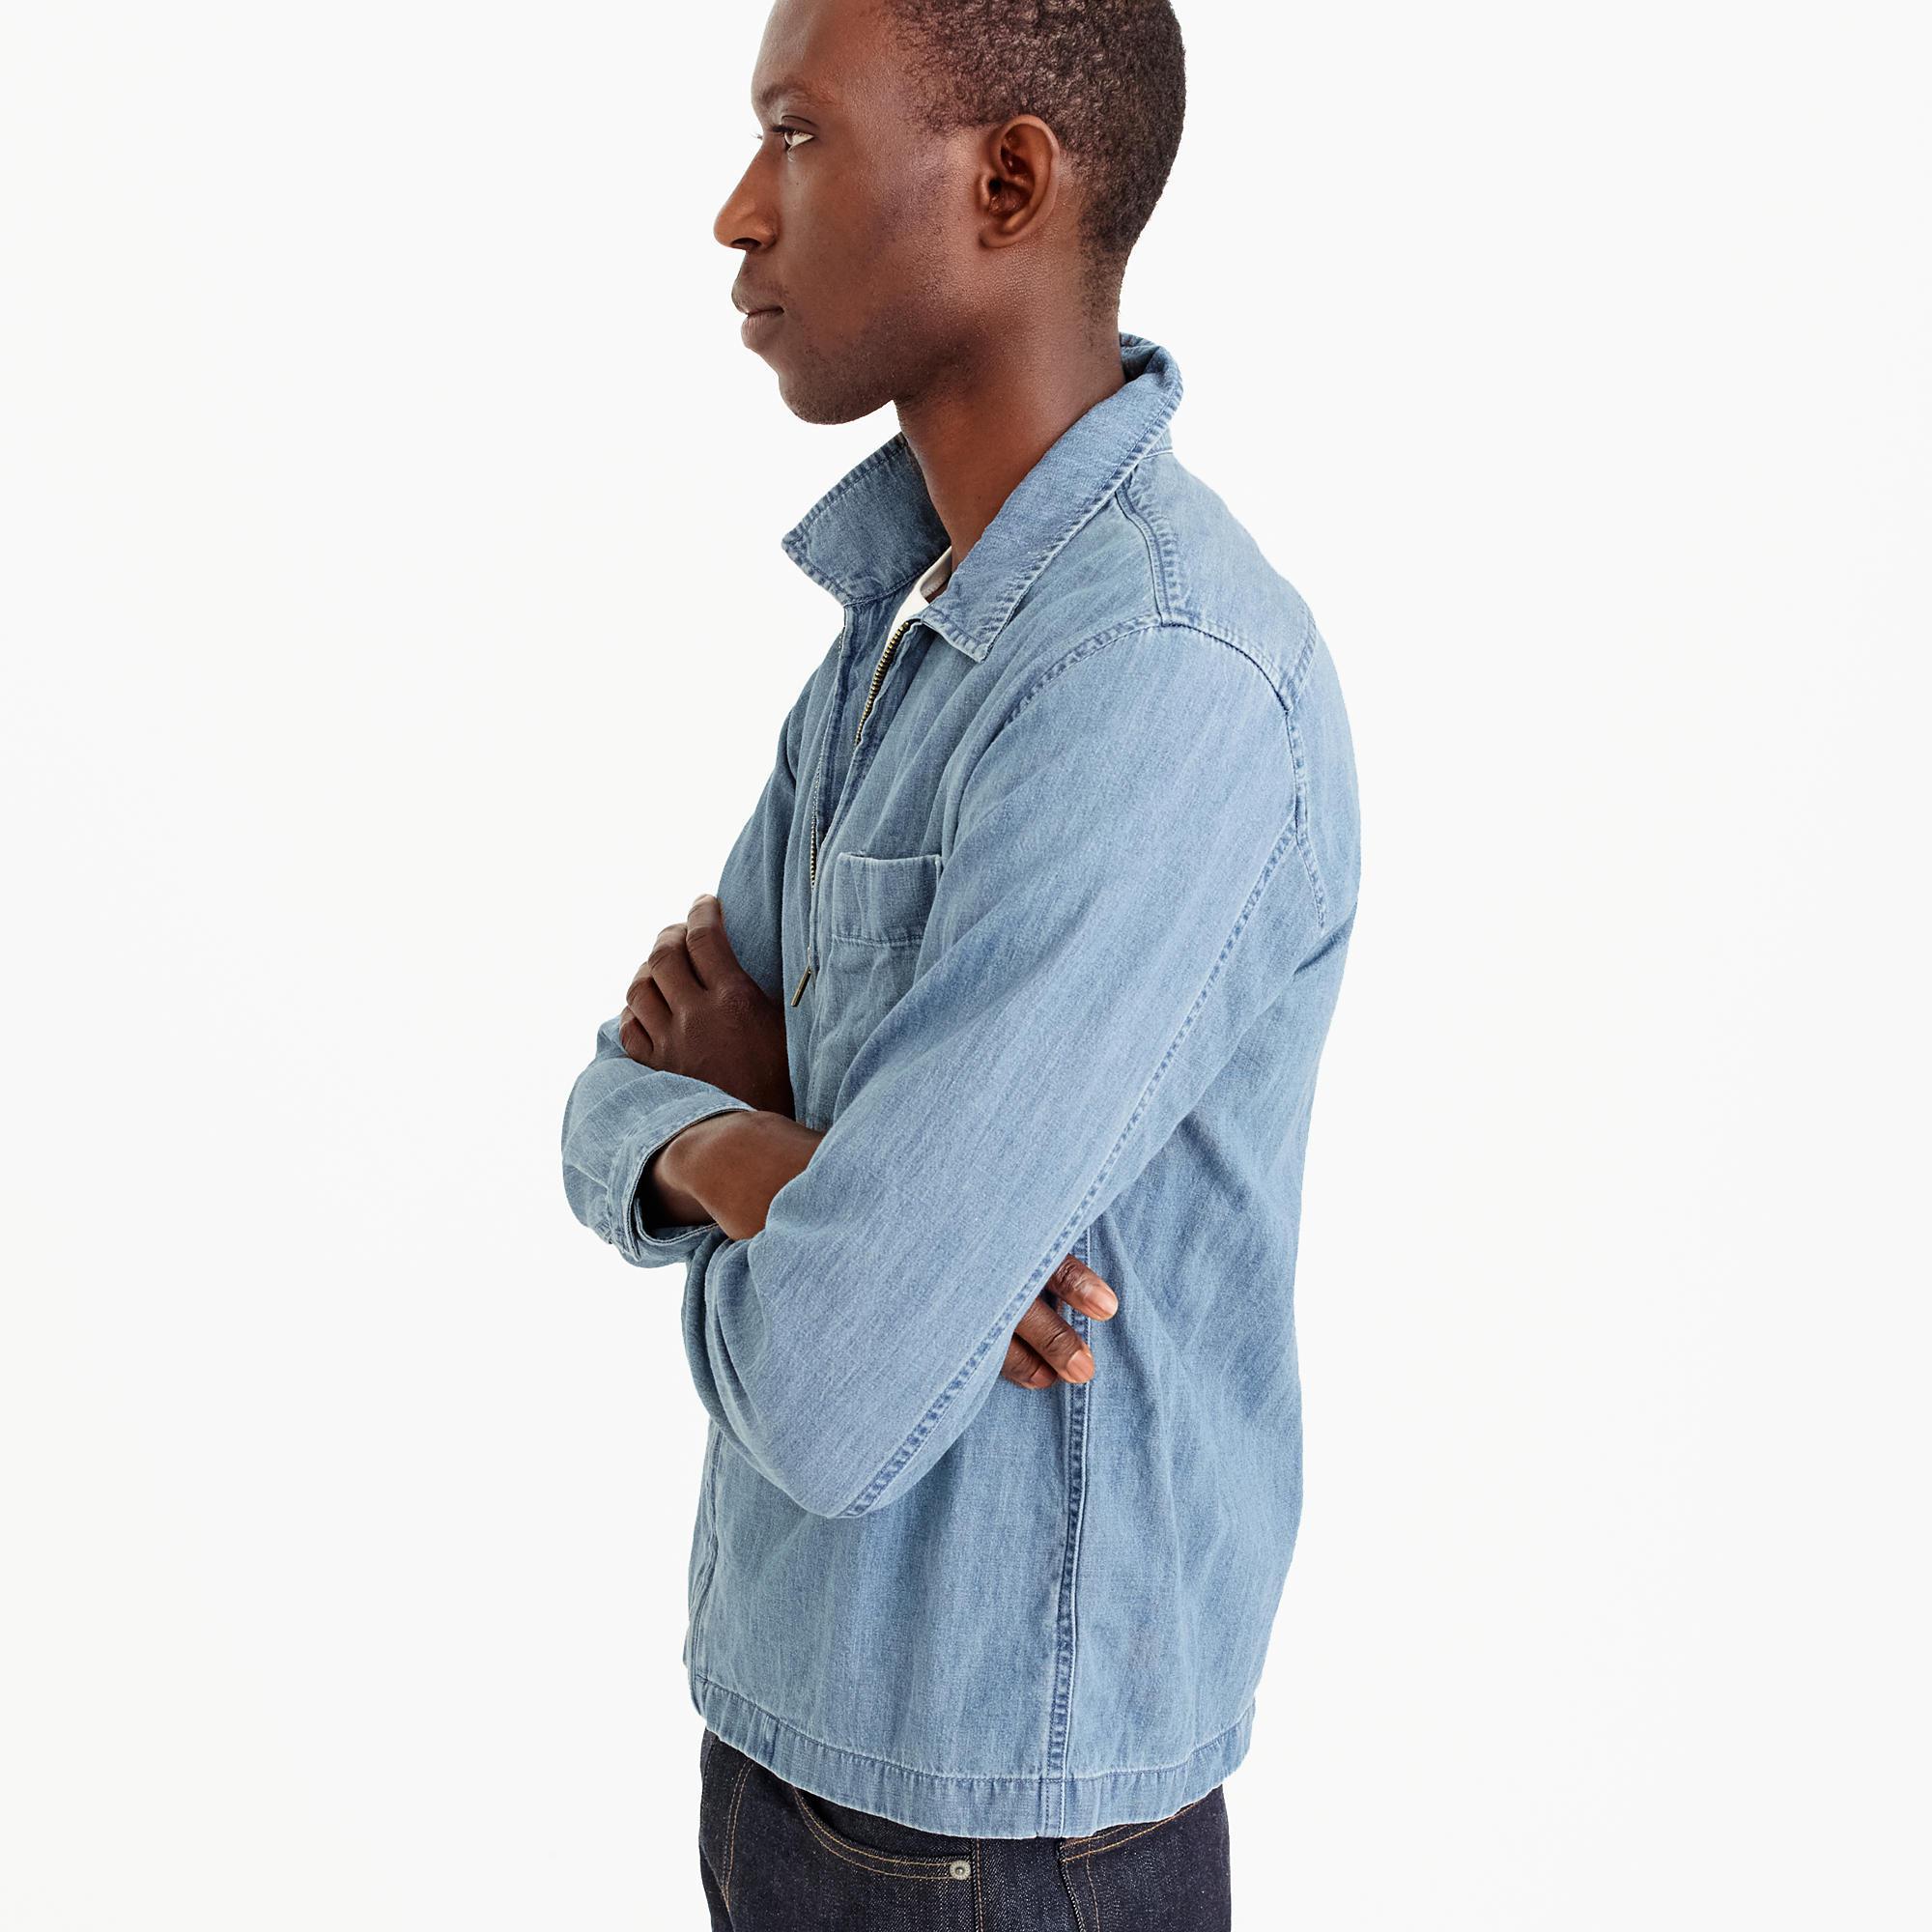 d0c233d641f J.Crew Lightweight Denim Zip-front Overshirt in Blue for Men - Lyst